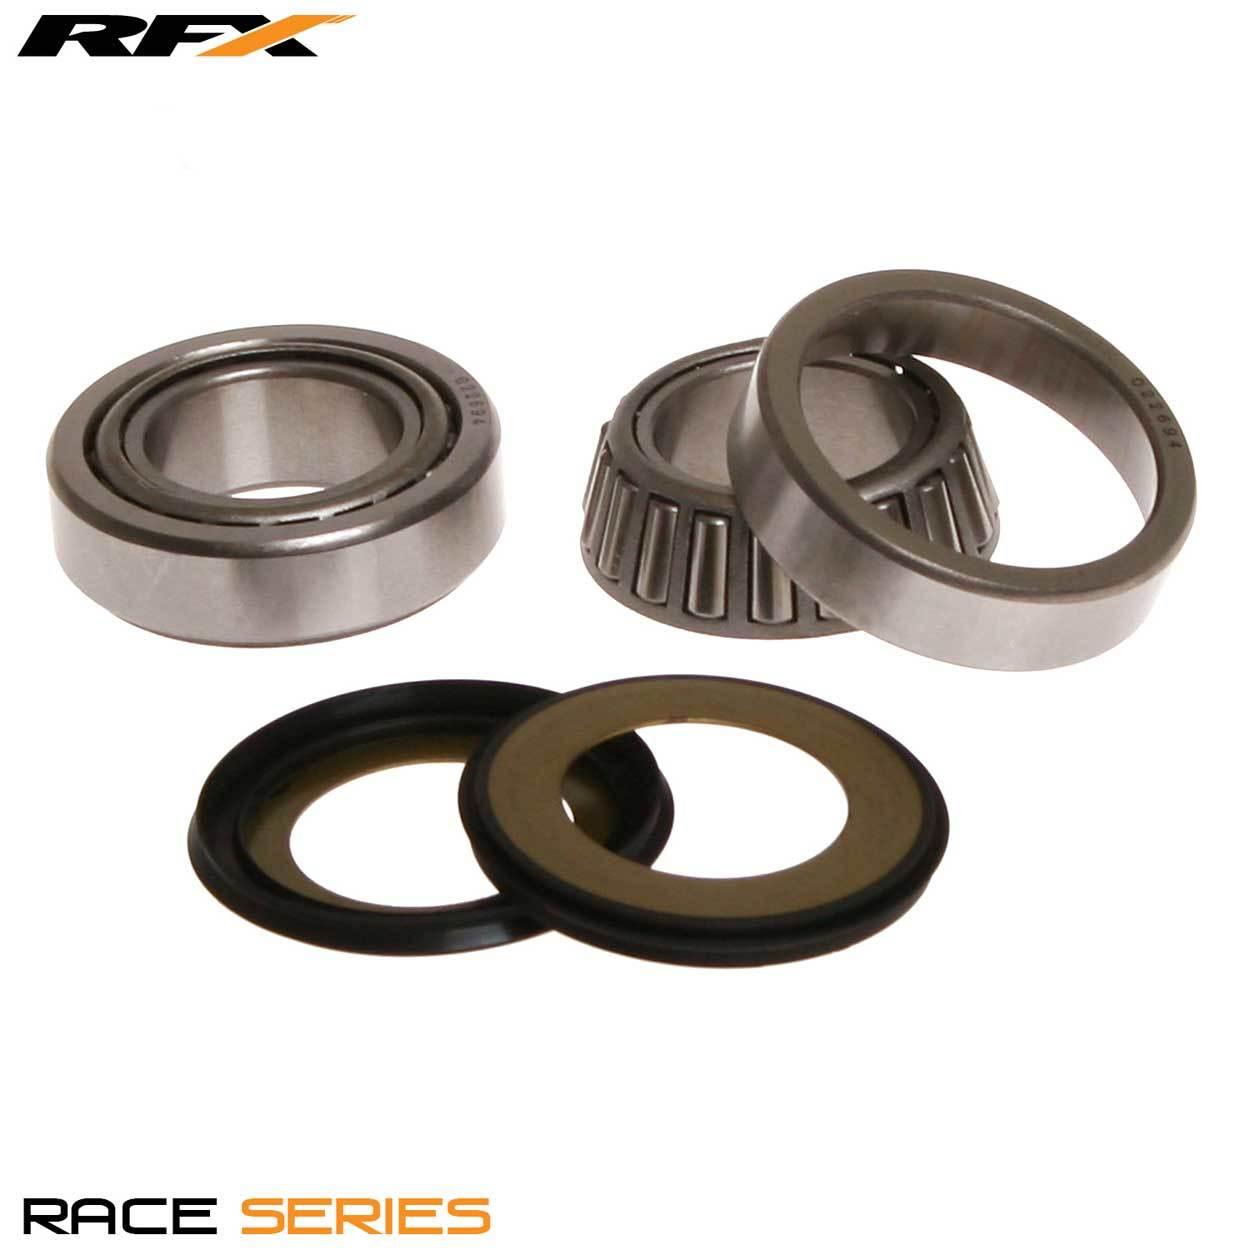 RaceFX RFX Race Steering Bearing Kit